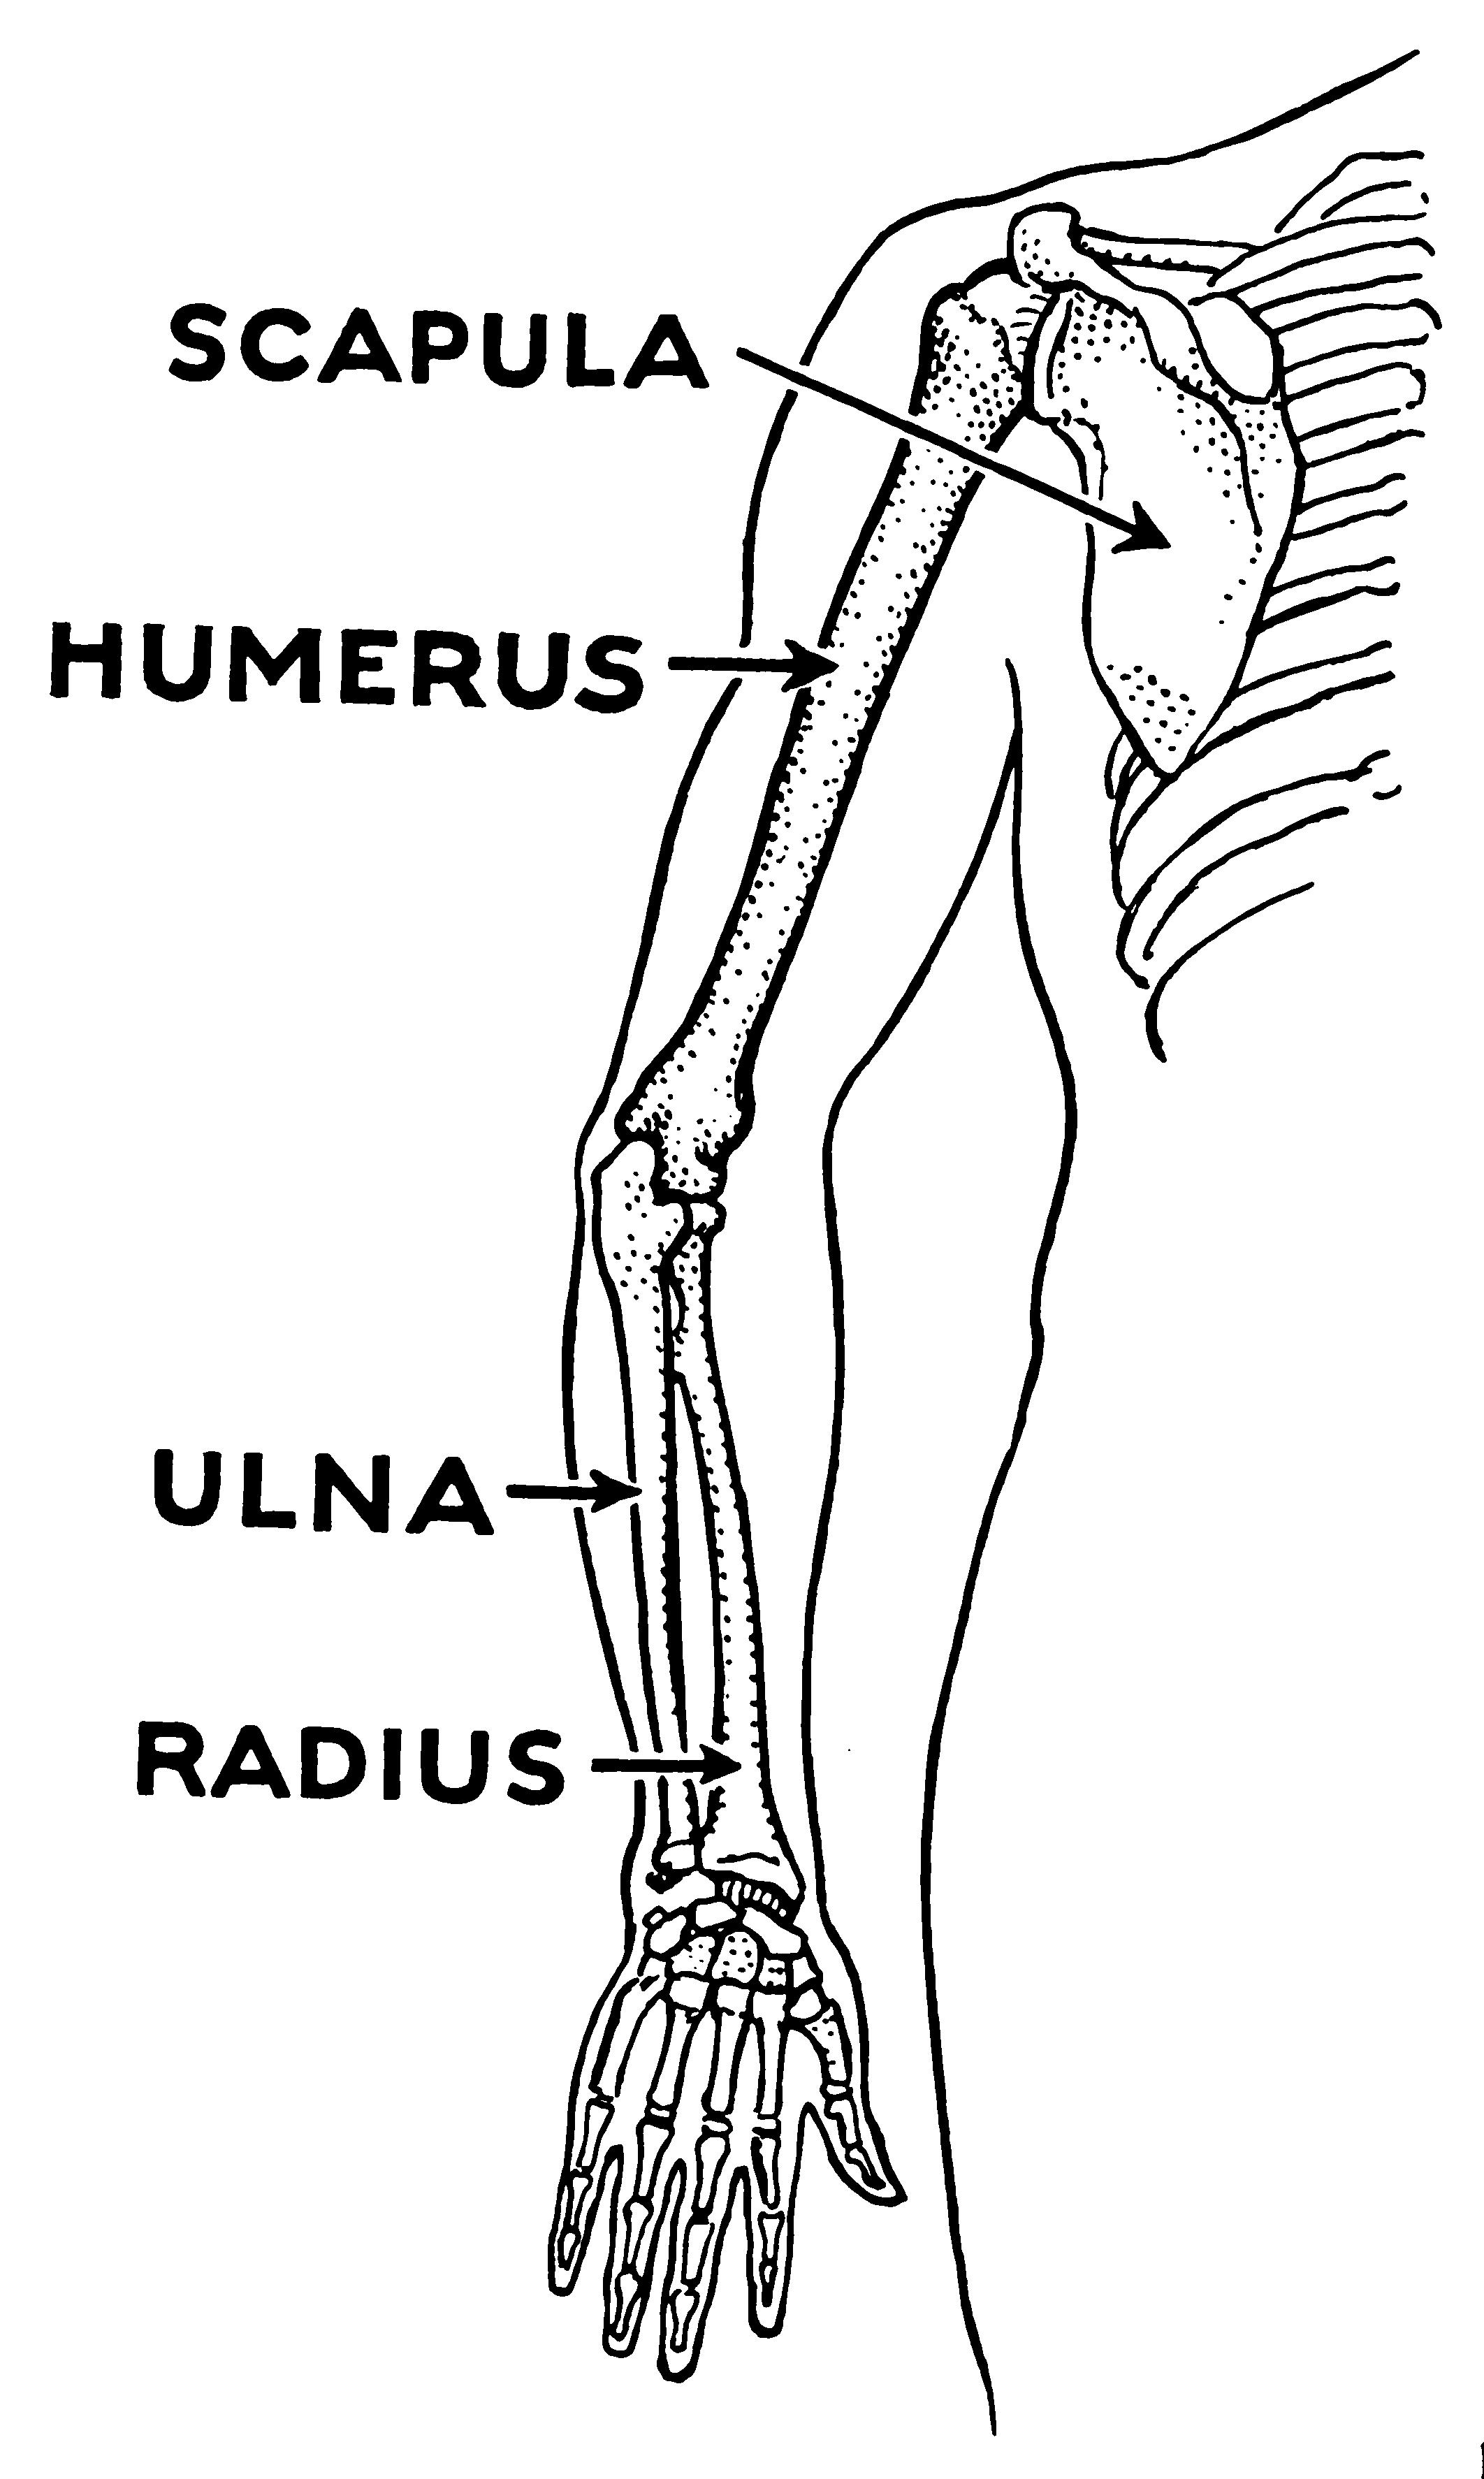 Filehumerus Psfg Wikimedia Commons